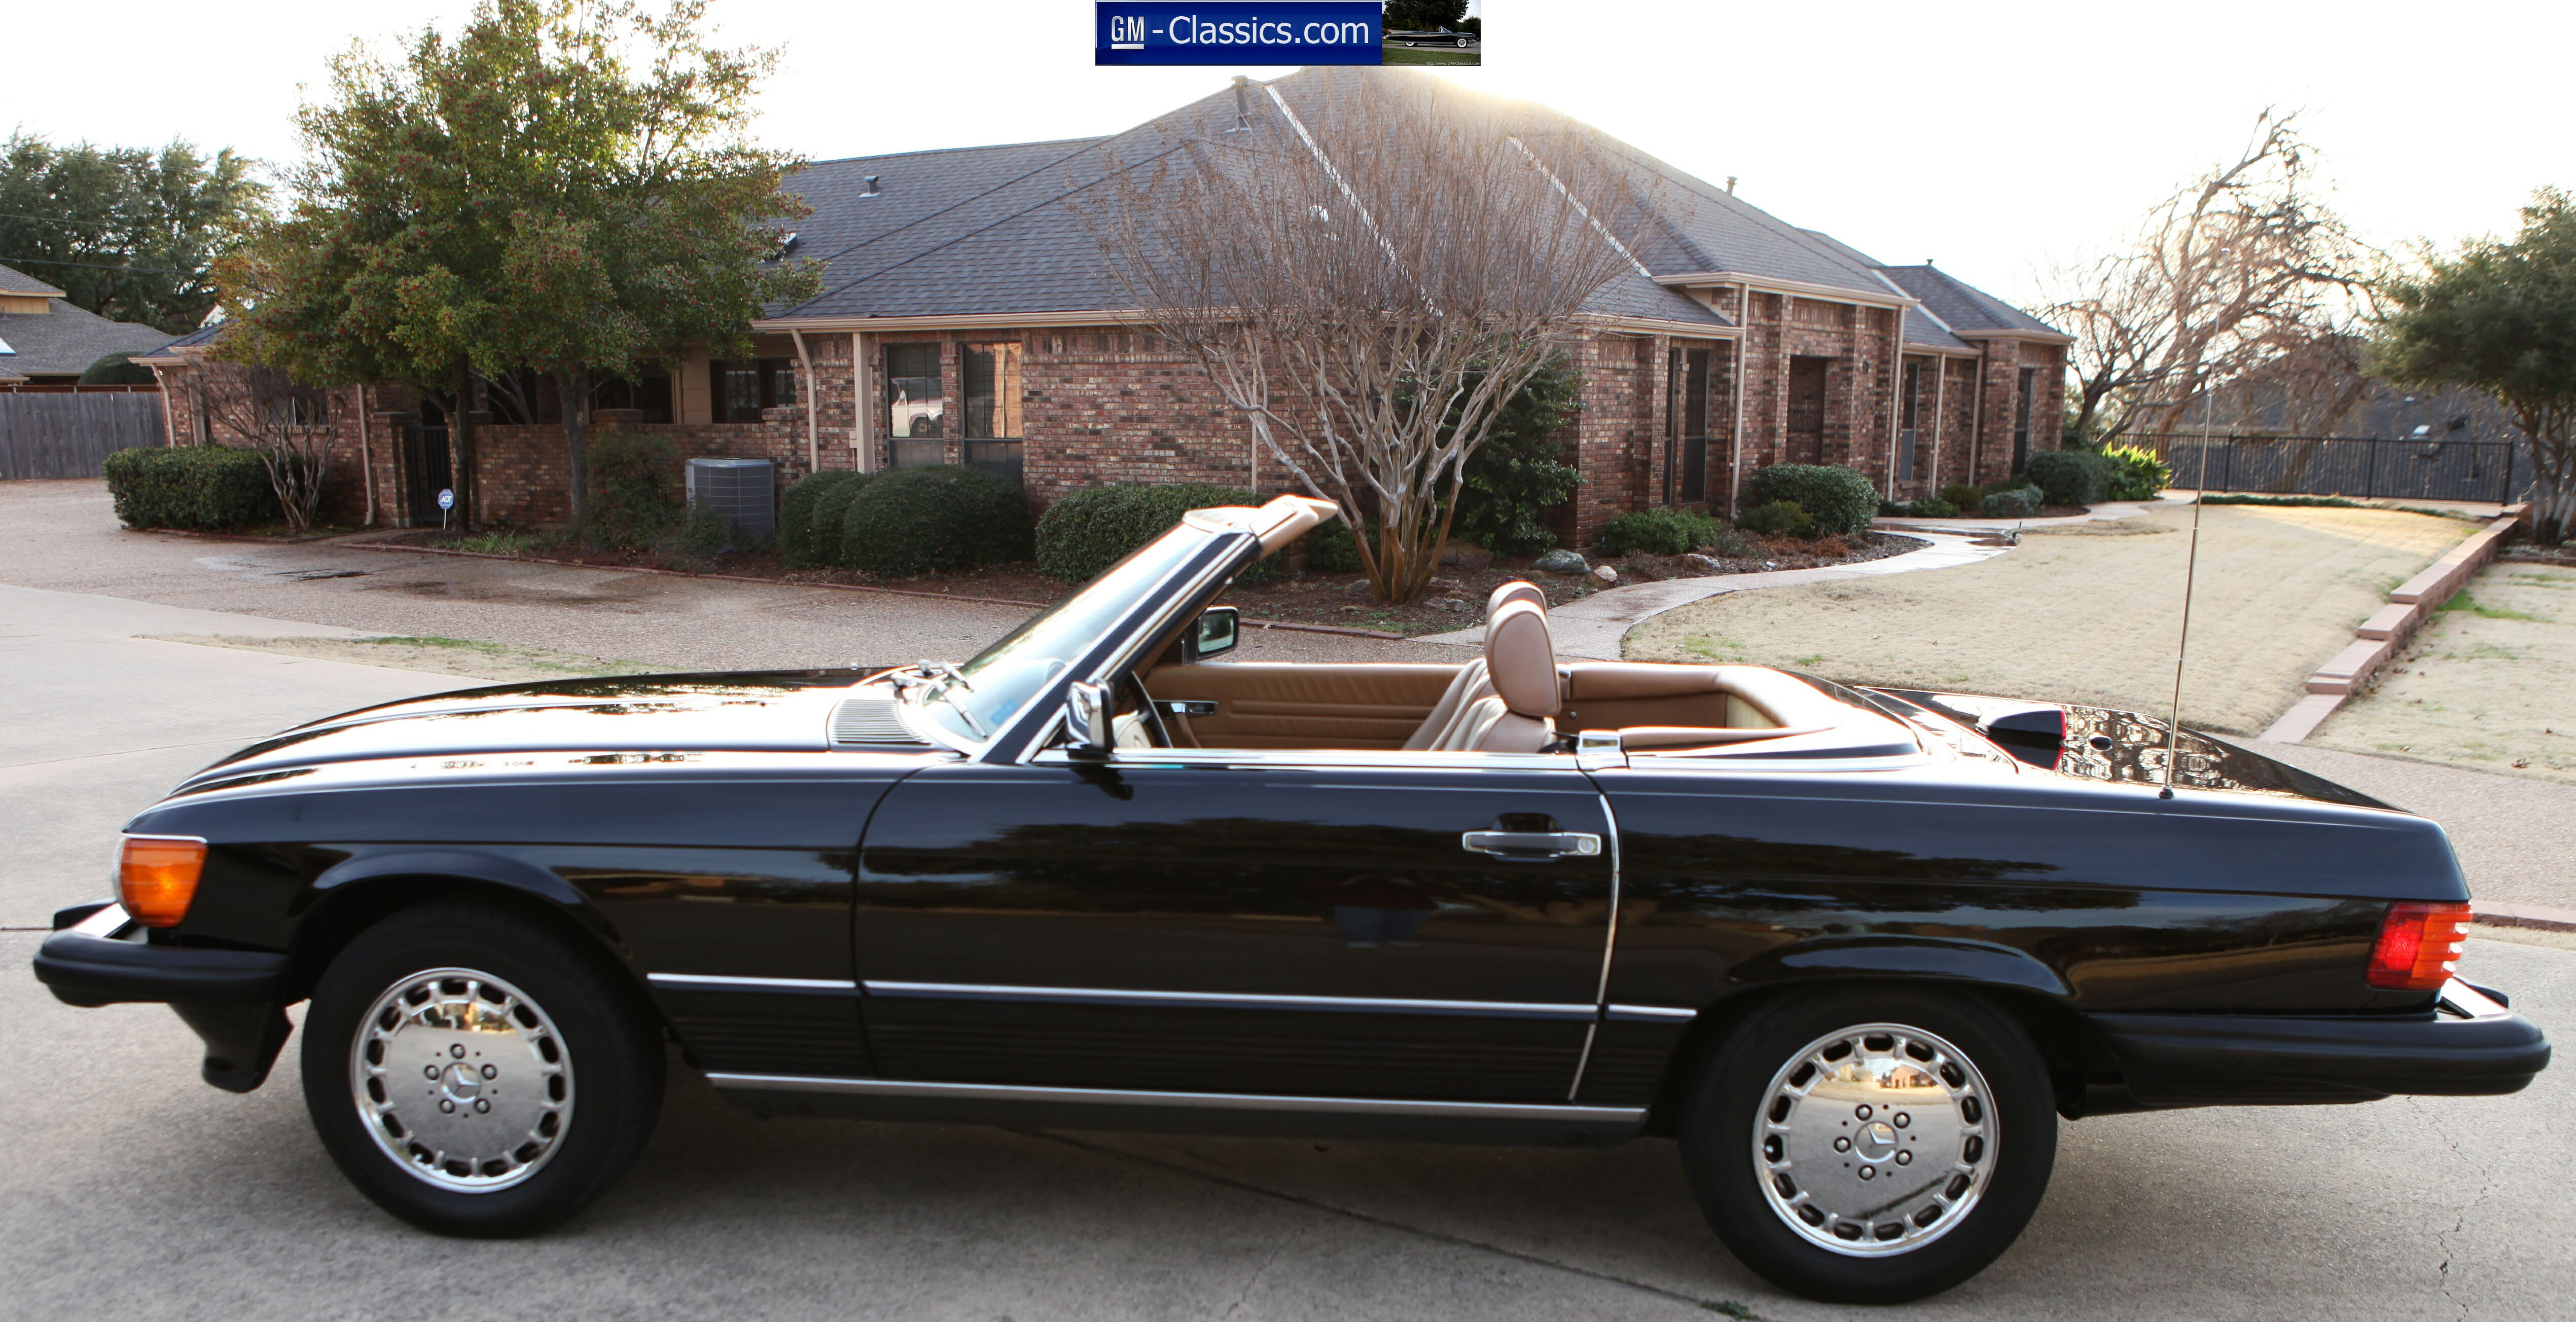 1987 Mercedes Benz SL Class Convertible